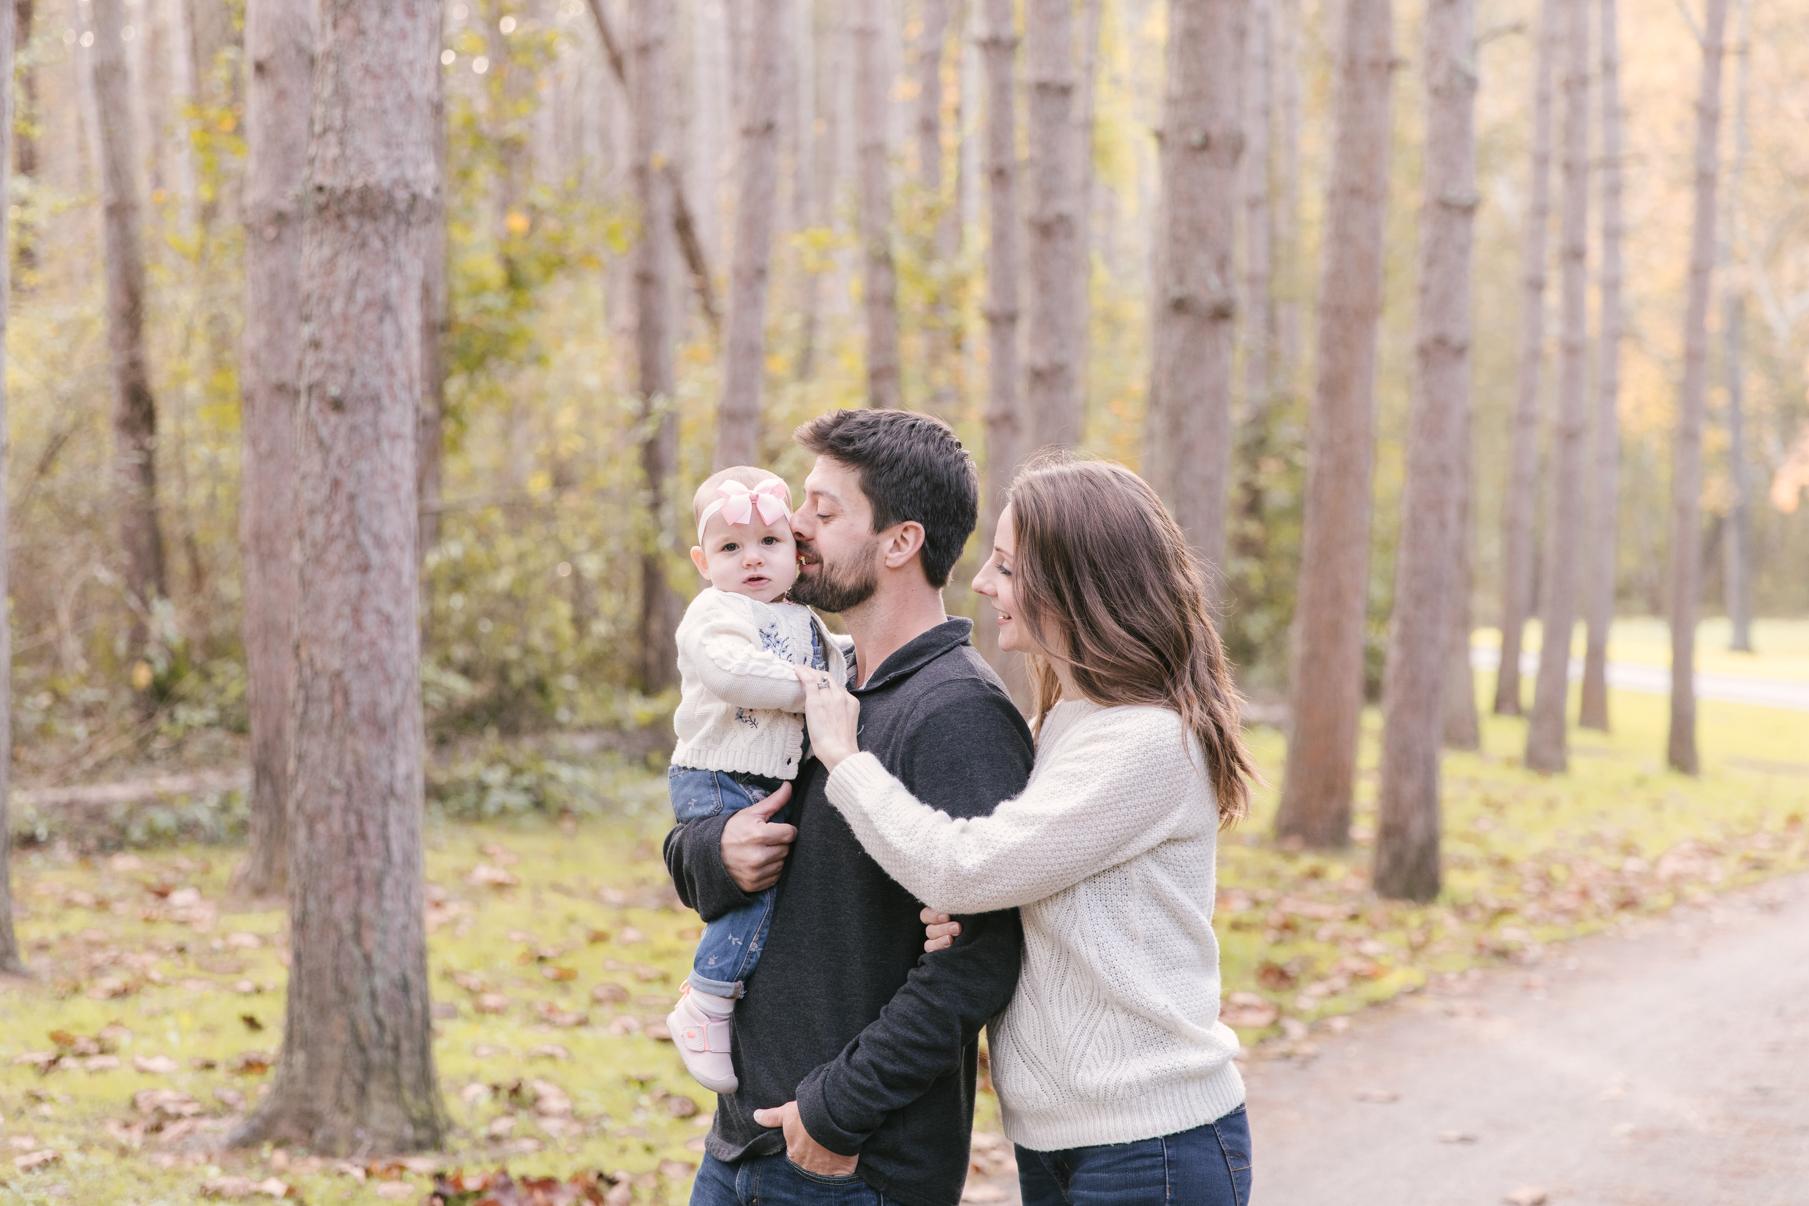 -Family-Photographer-Christie-Leigh-Photo-18.JPG